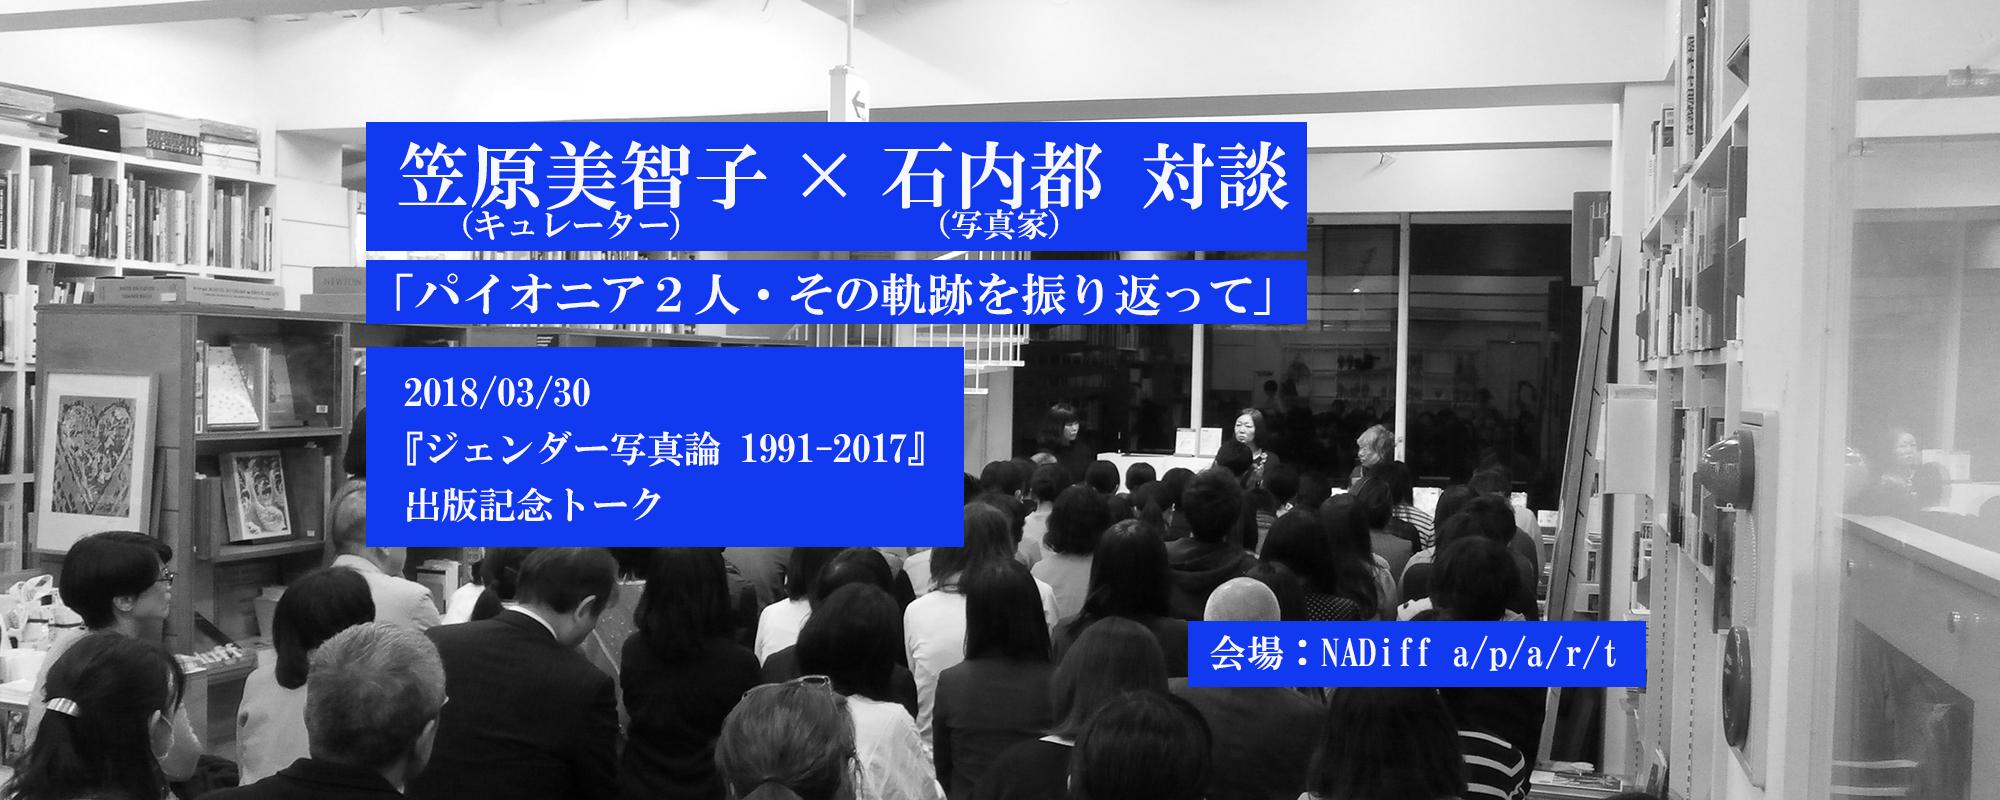 笠原美智子×石内都「パイオニア2人・その軌跡を振り返って」